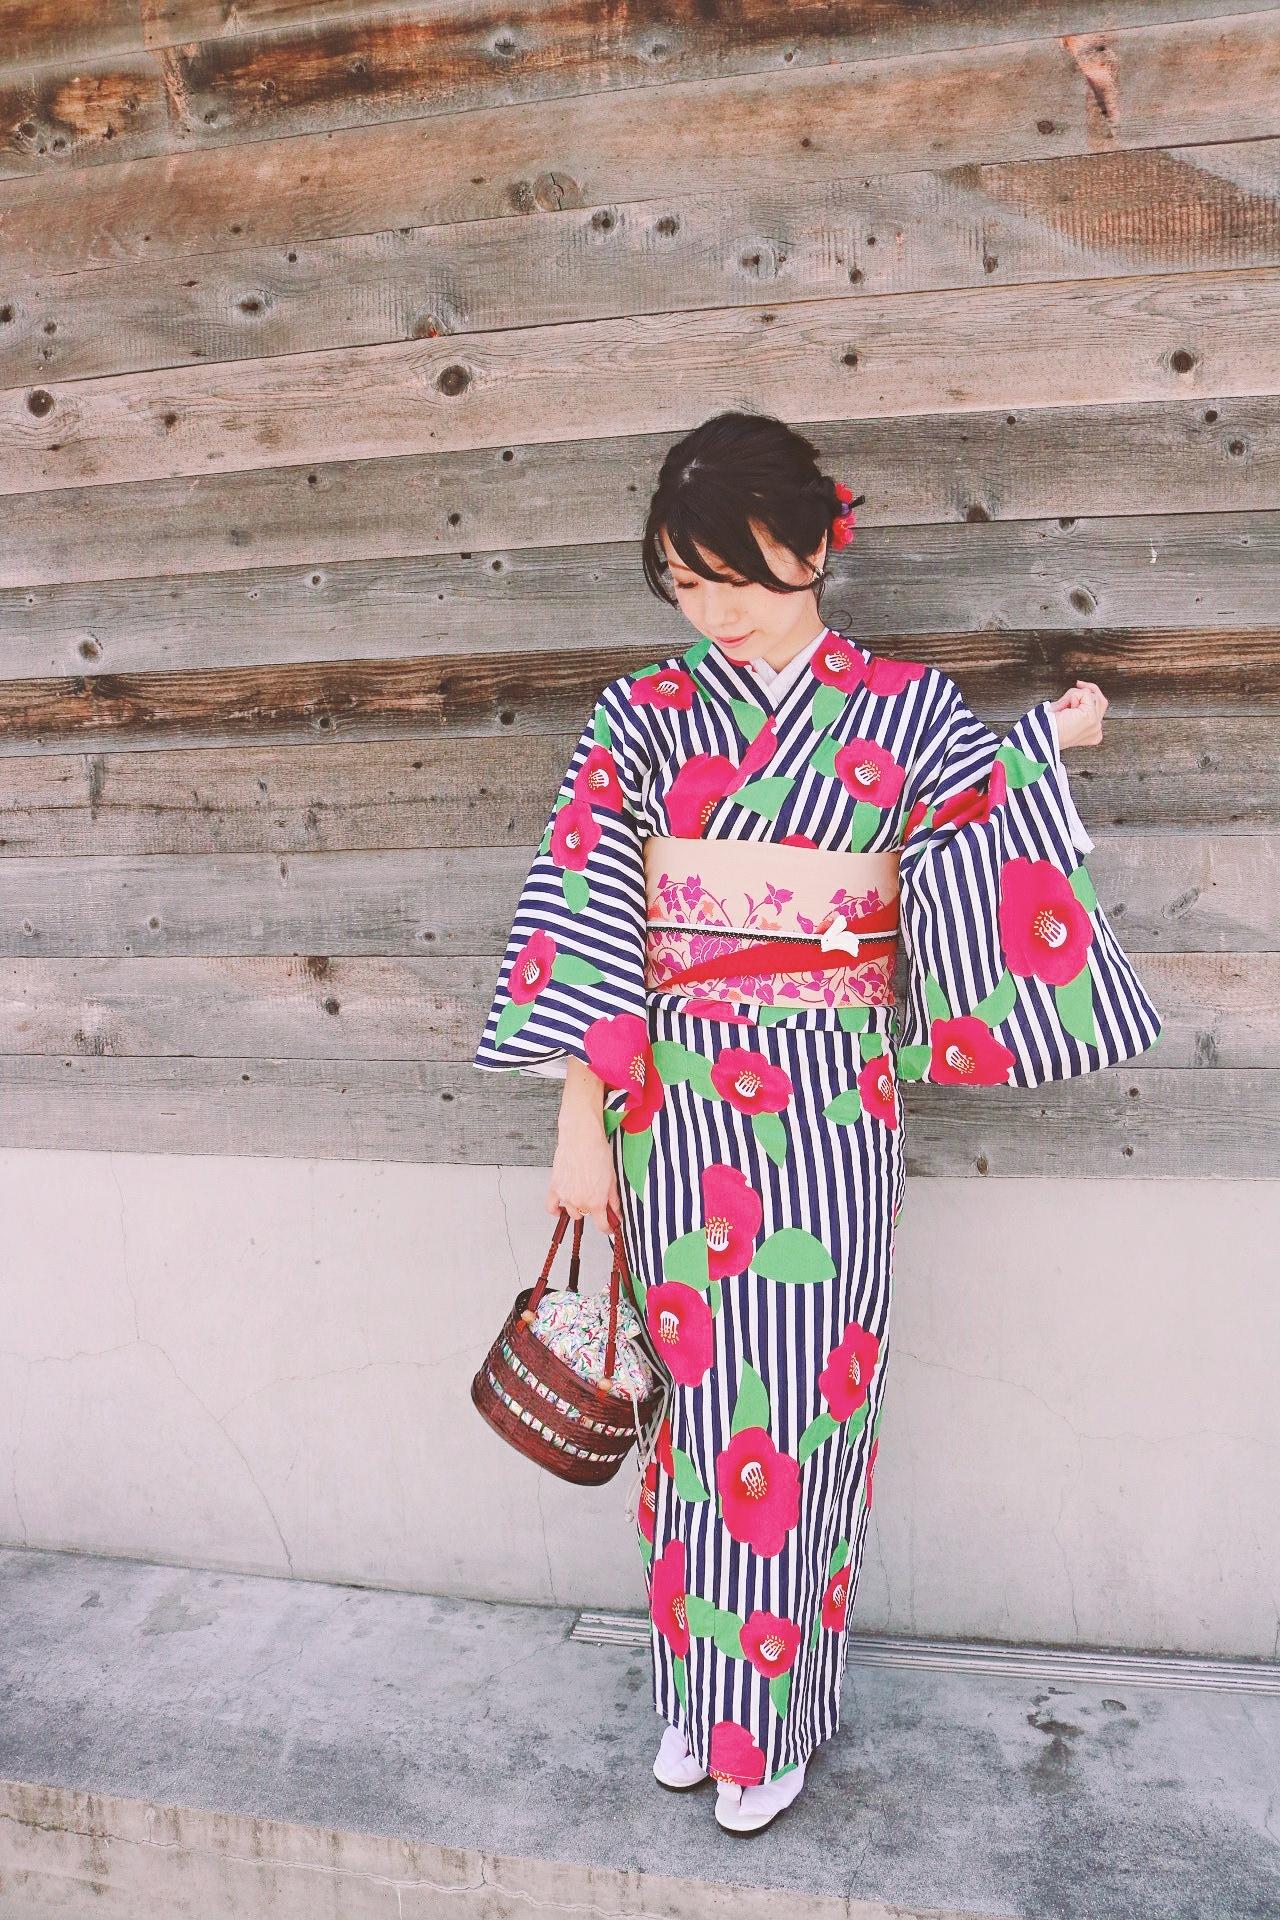 鎌倉で浴衣借りるならココ!絶対可愛くなれるレンタル浴衣店♪